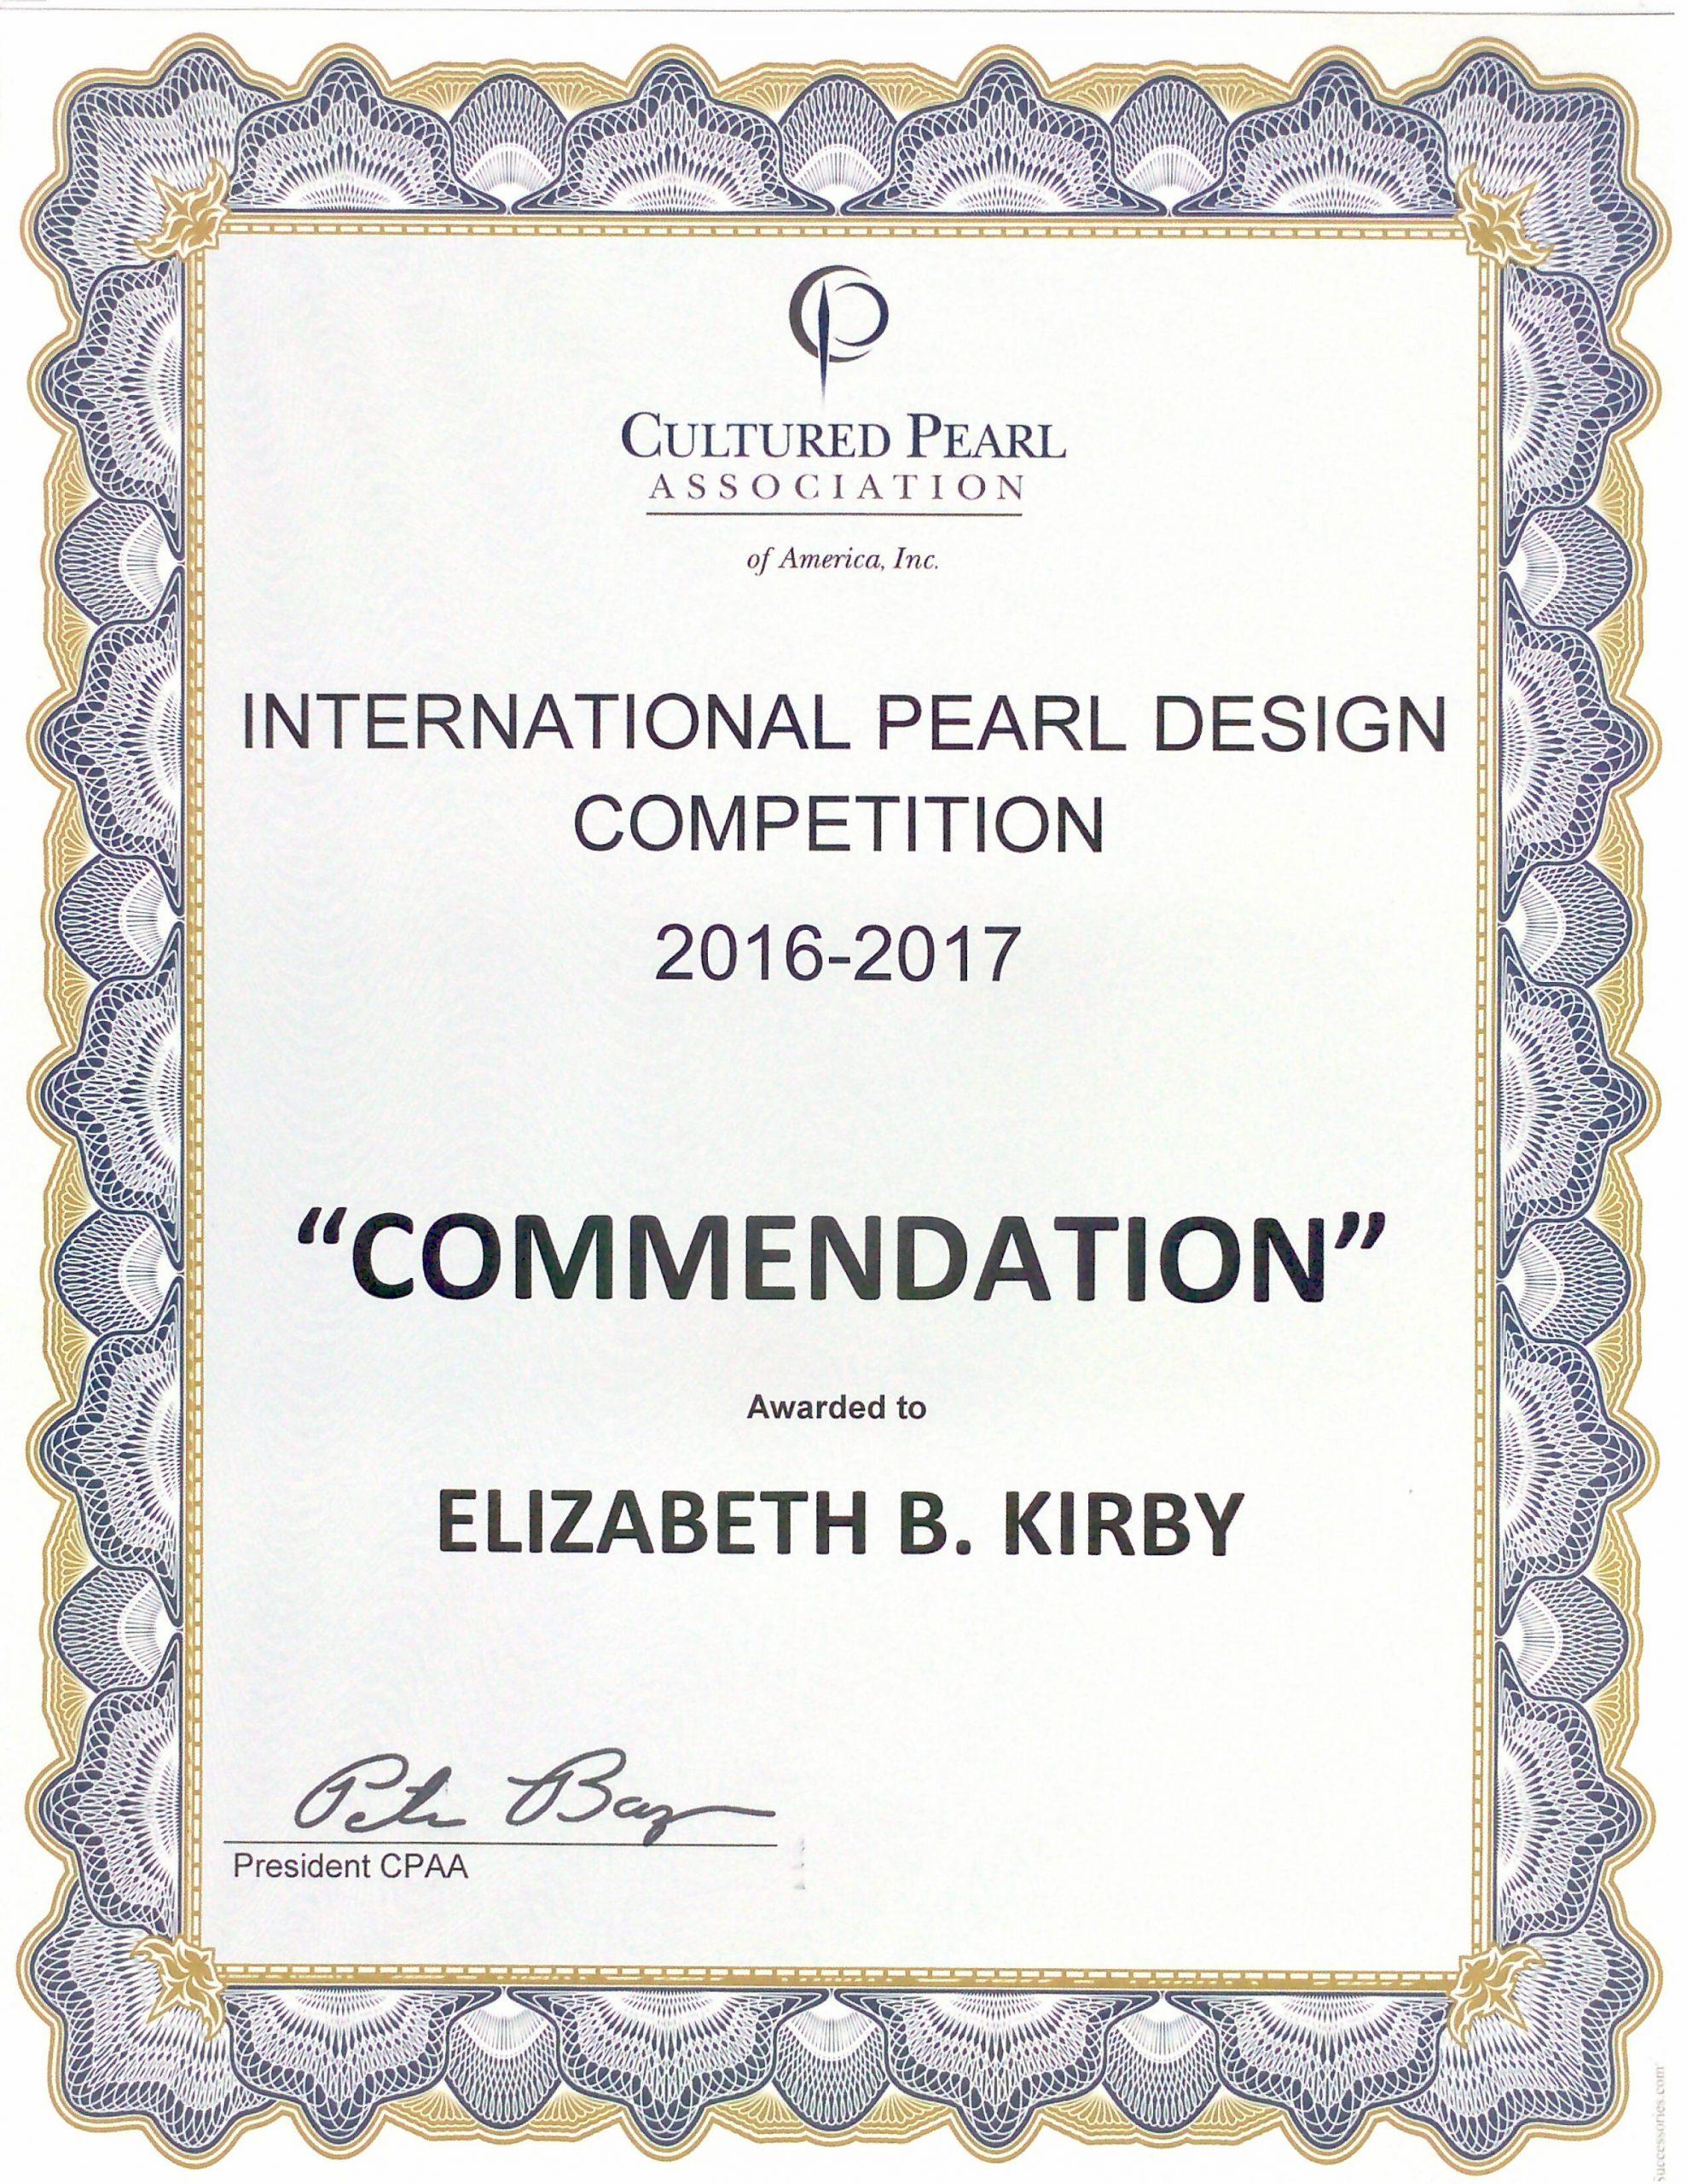 CPAA Award 2016